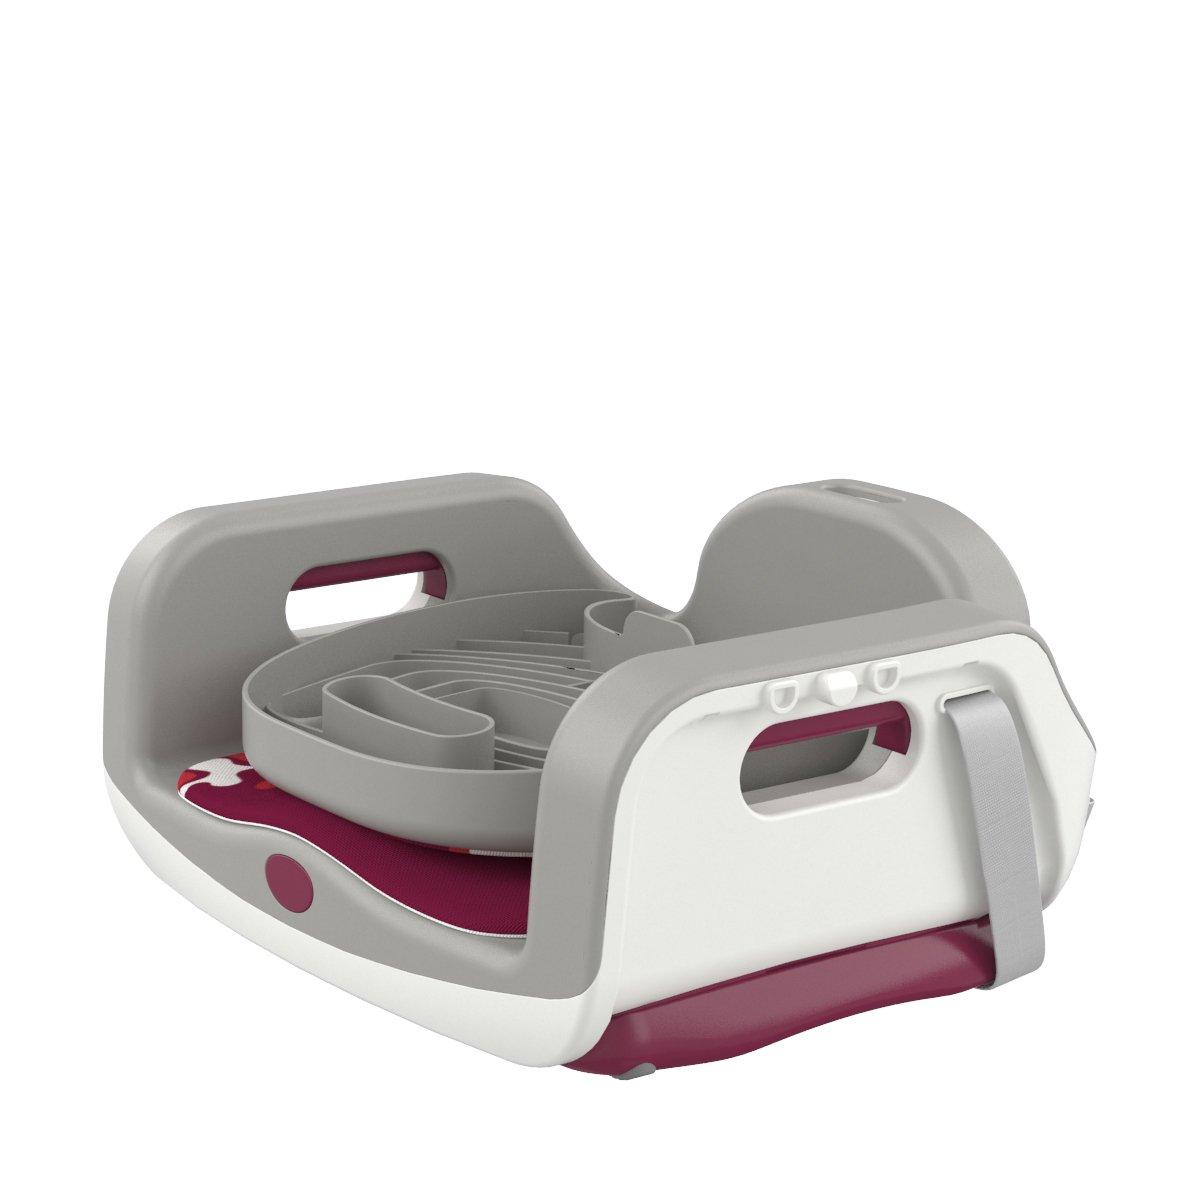 color rojo 2 kg Chicco Up To 5 Asiento elevador regulable y con correas retr/áctiles